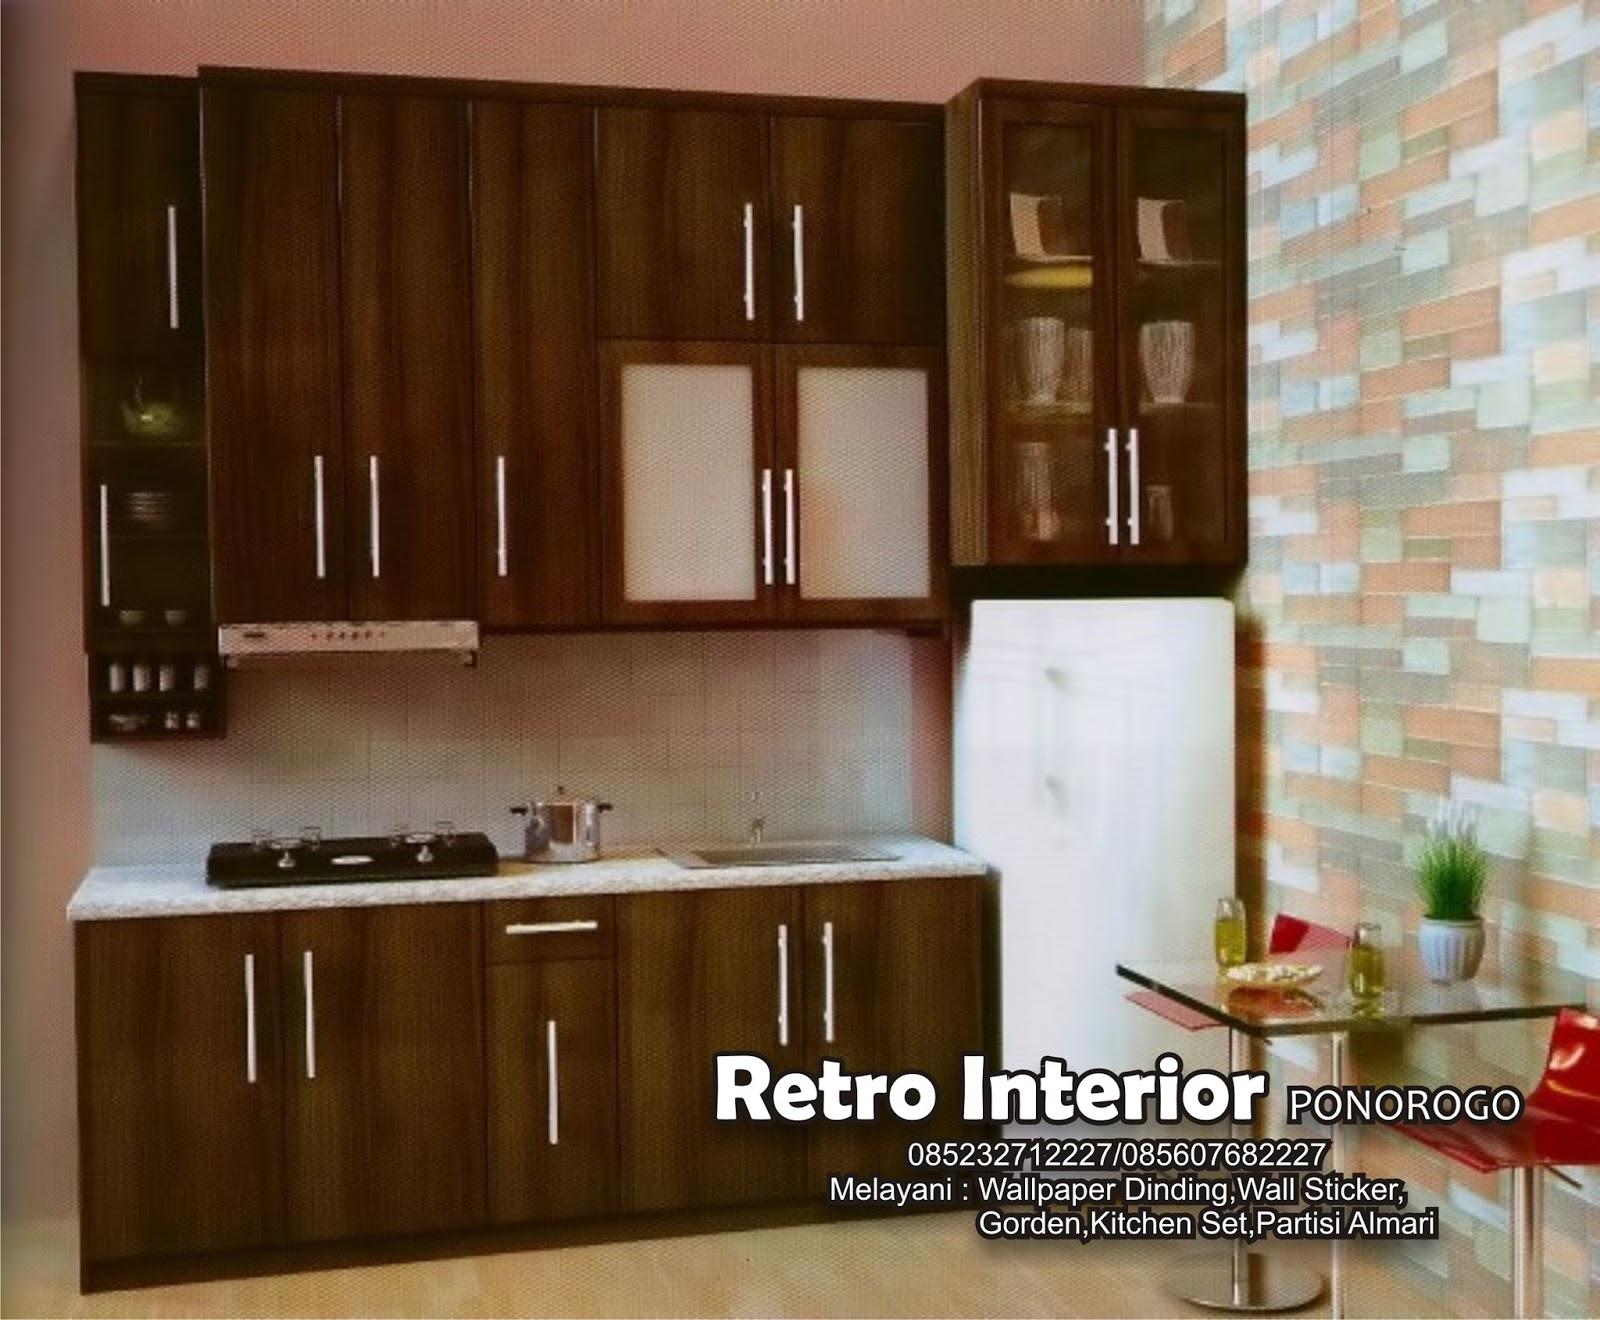 Bagaimana contoh kitchen set diatas cantik bukan jika anda berencana membuat kitchen set untuk ruang dapur rumah maka ada beberapa hal yang perlu